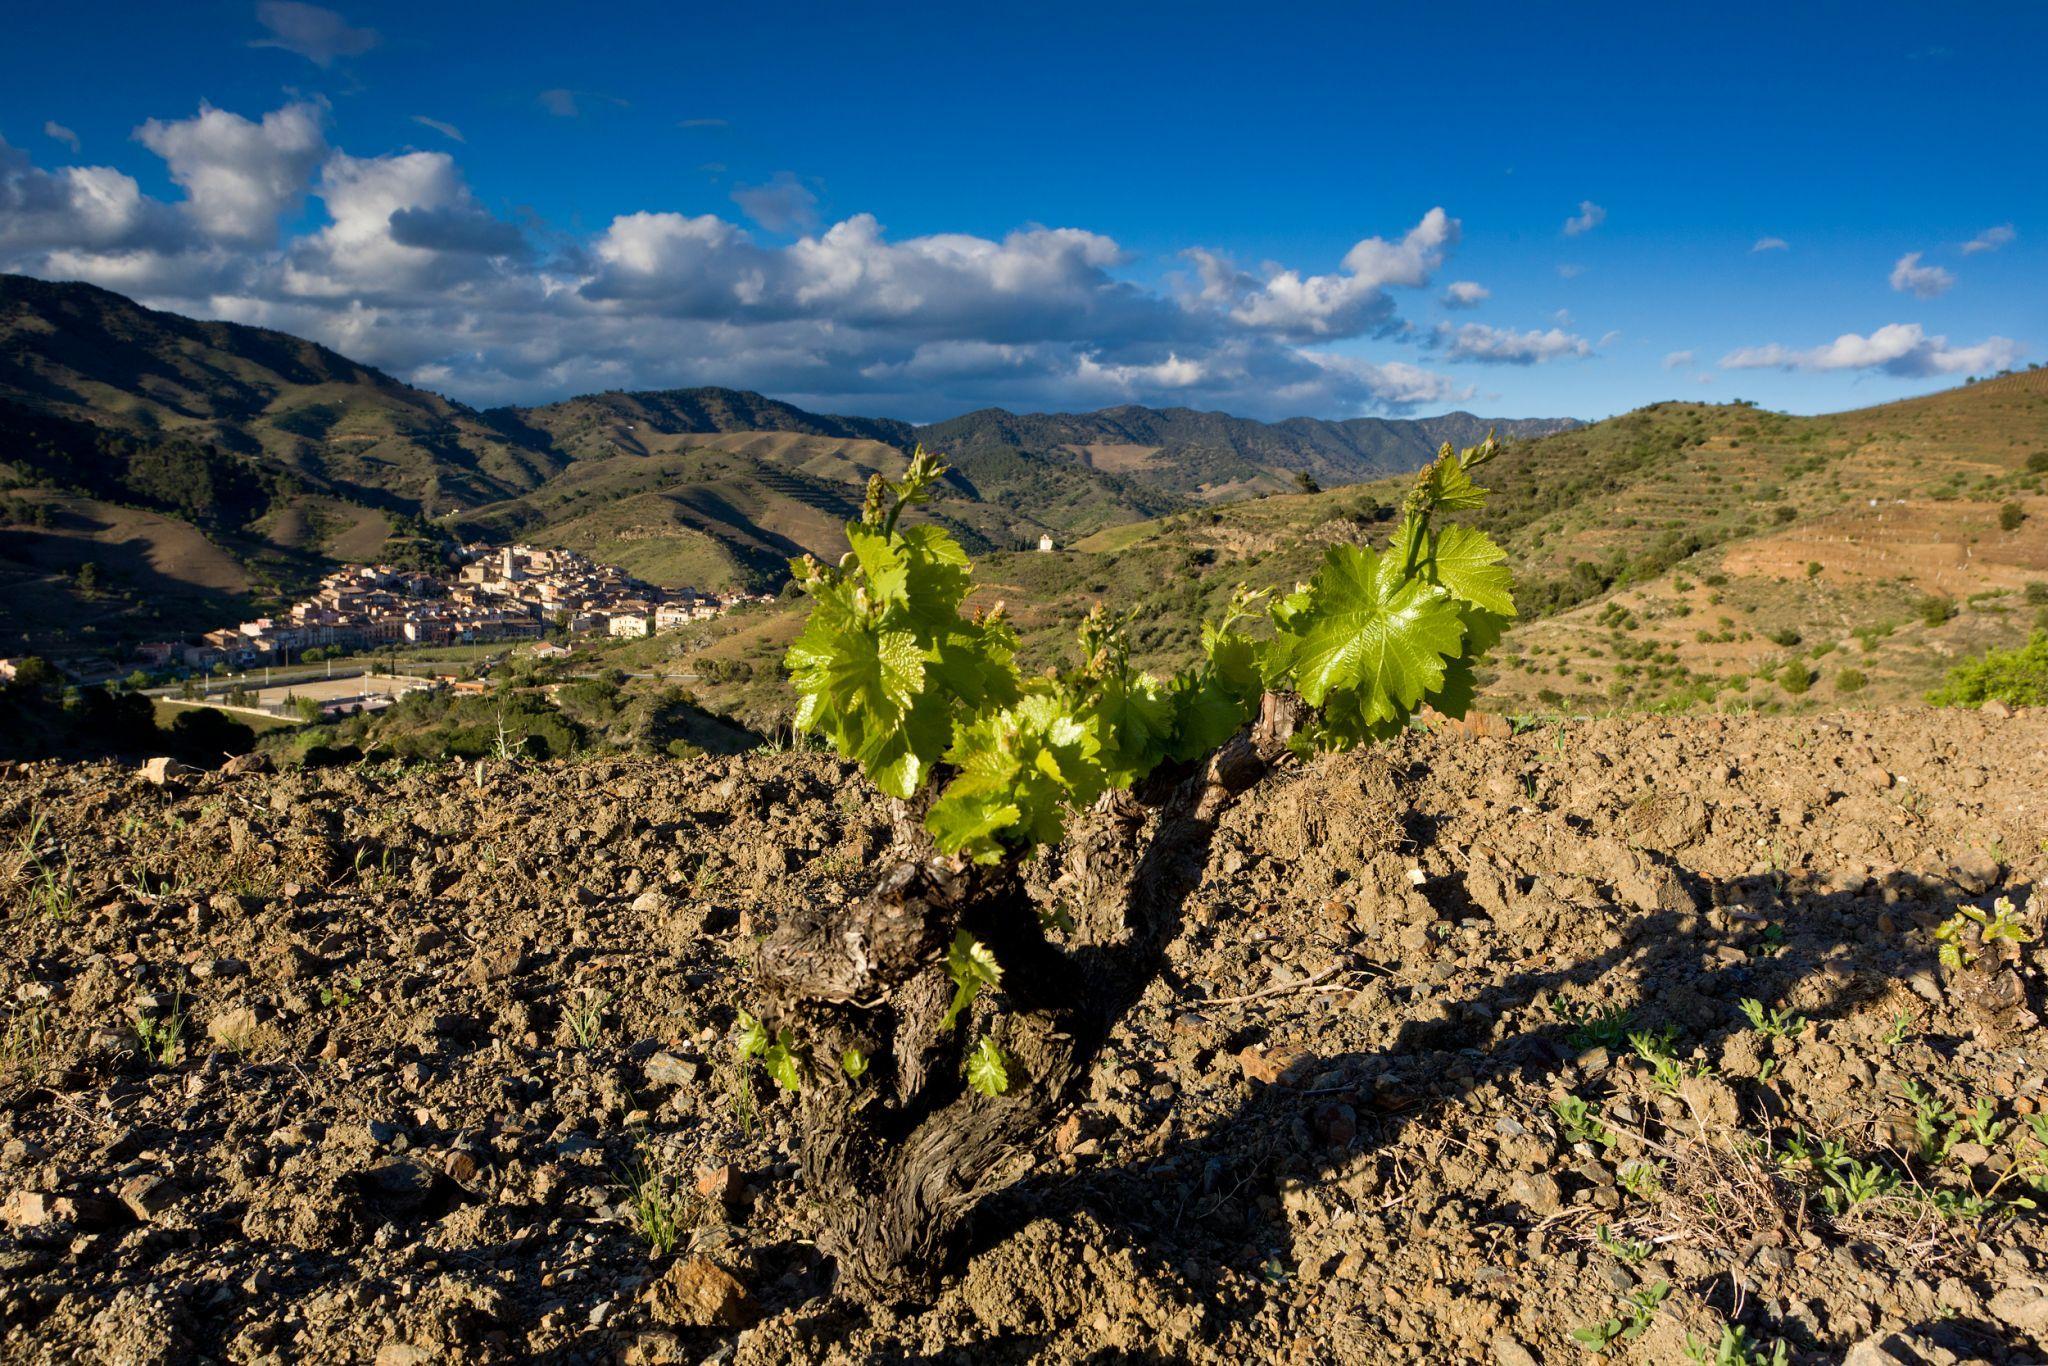 The vineyards of Alvaro Palacios in Priorat.